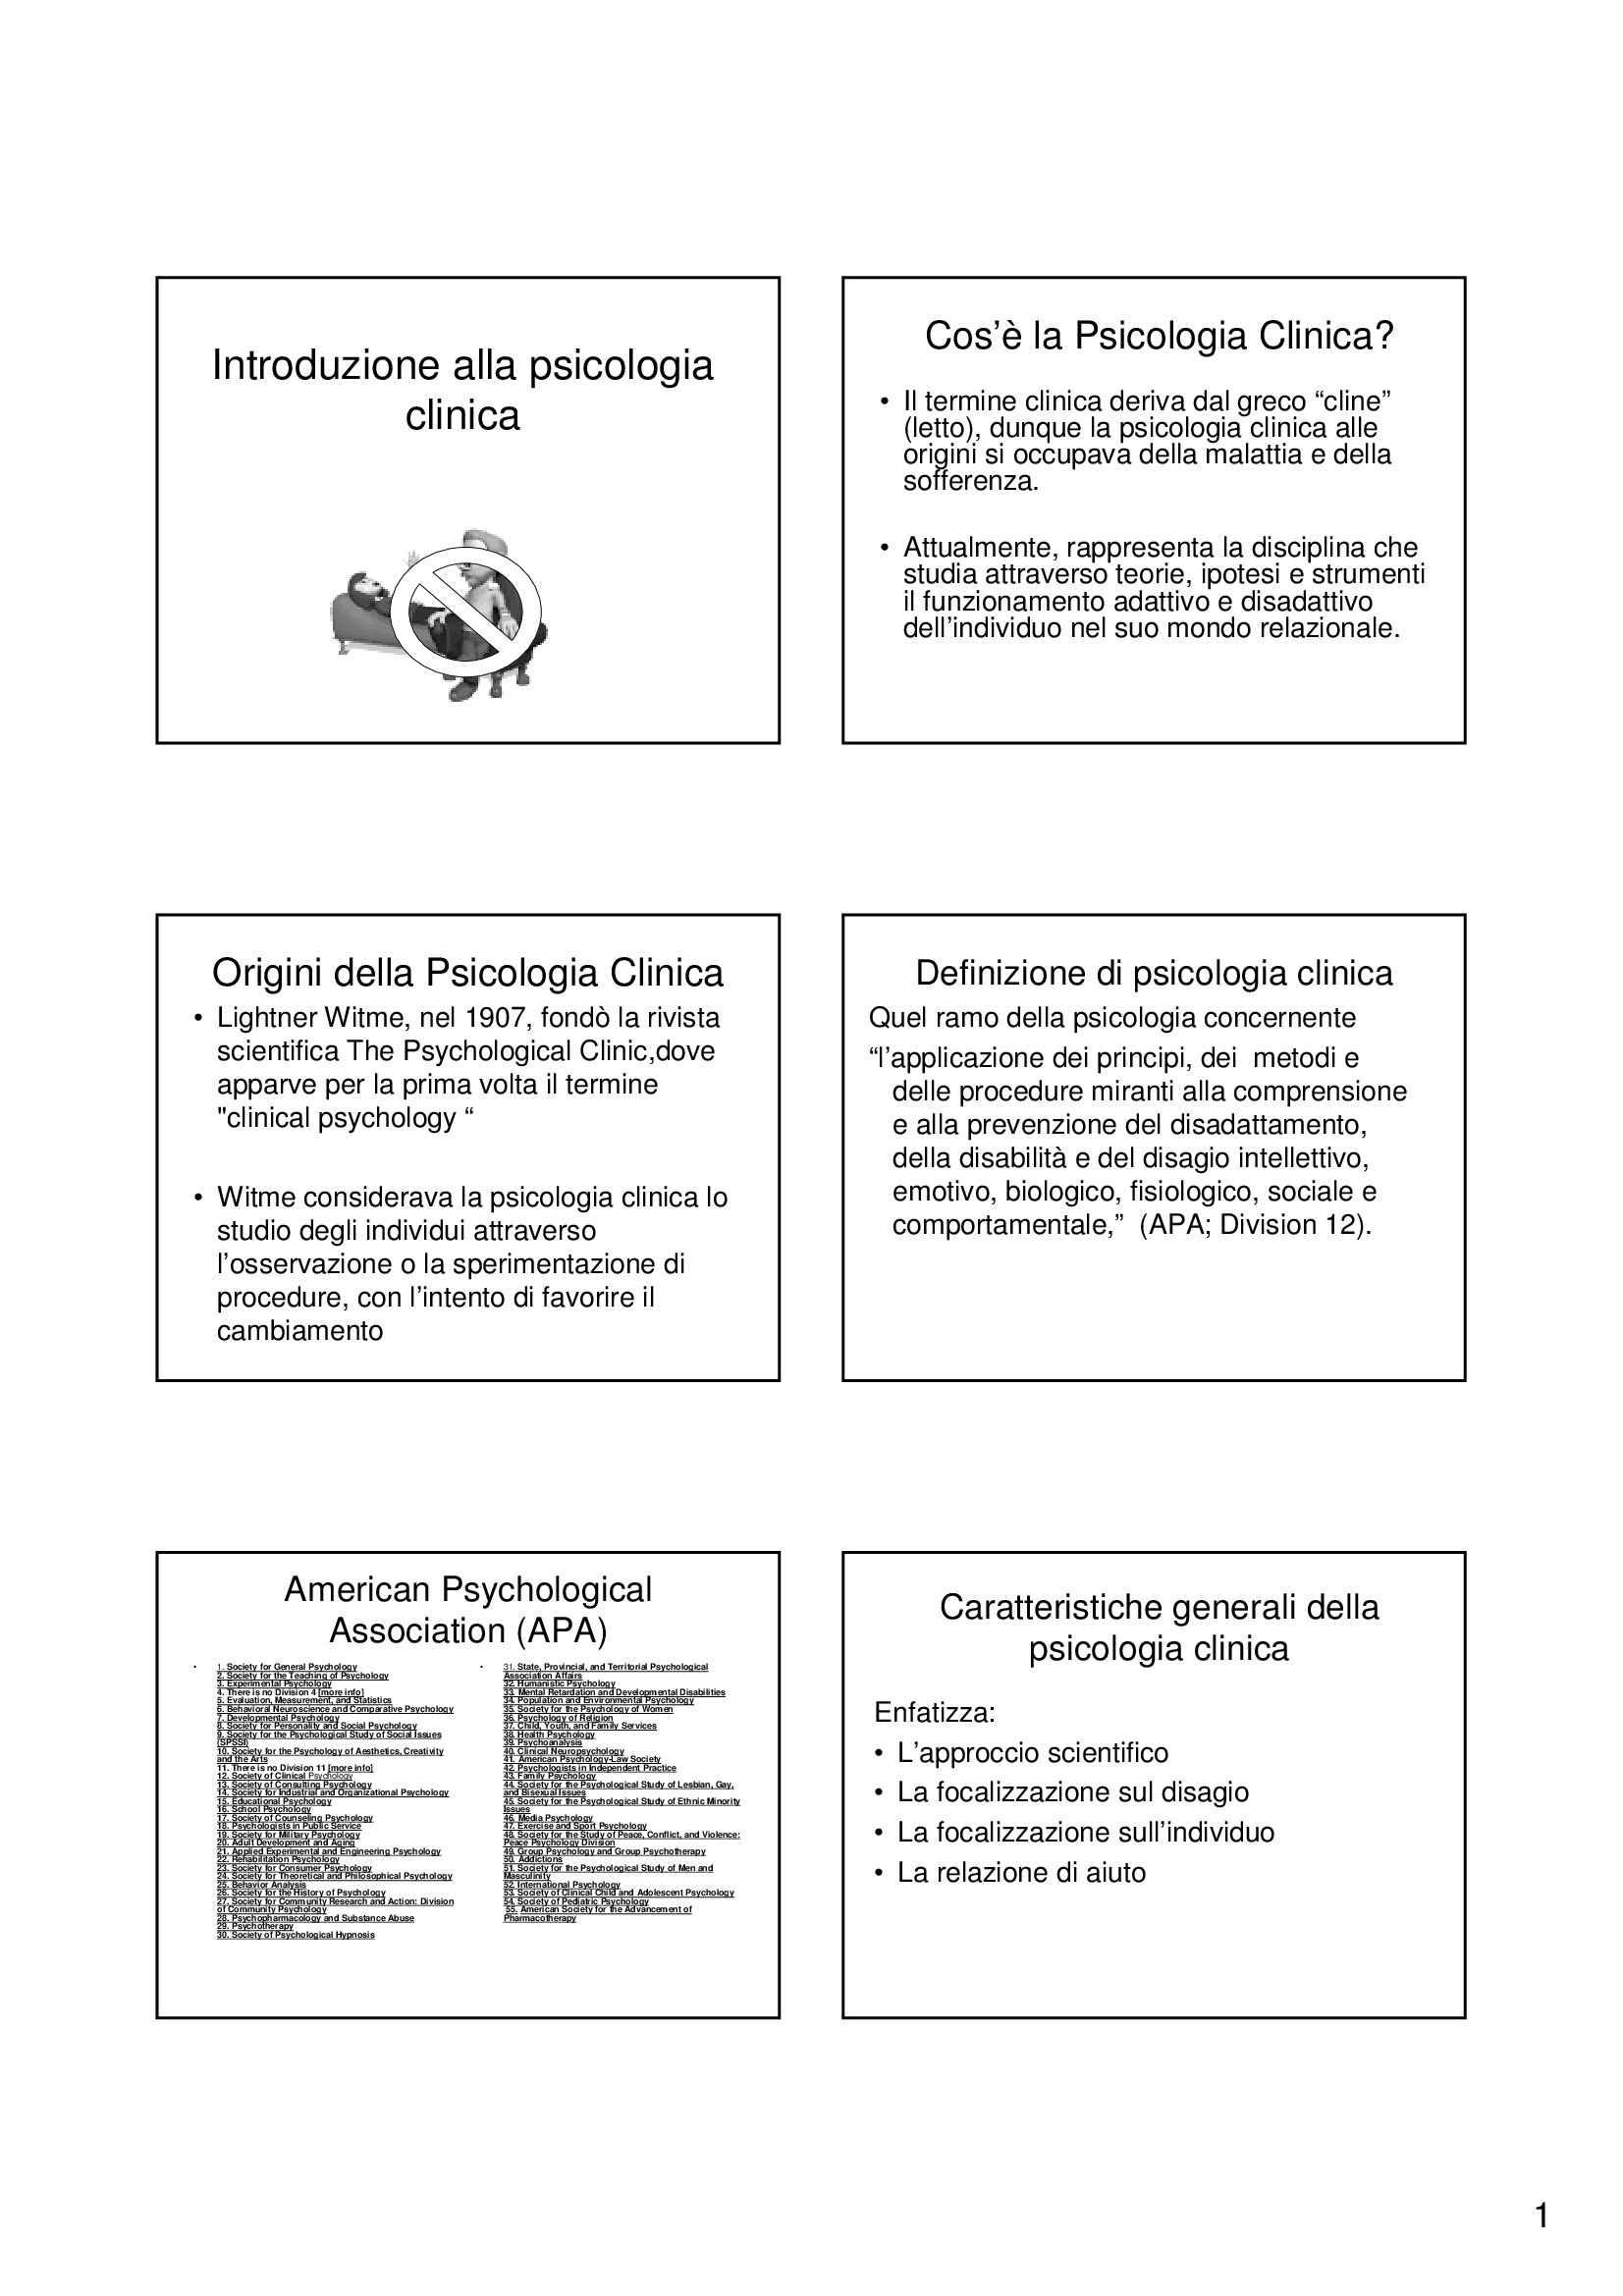 Introduzione alla psicologia clinica